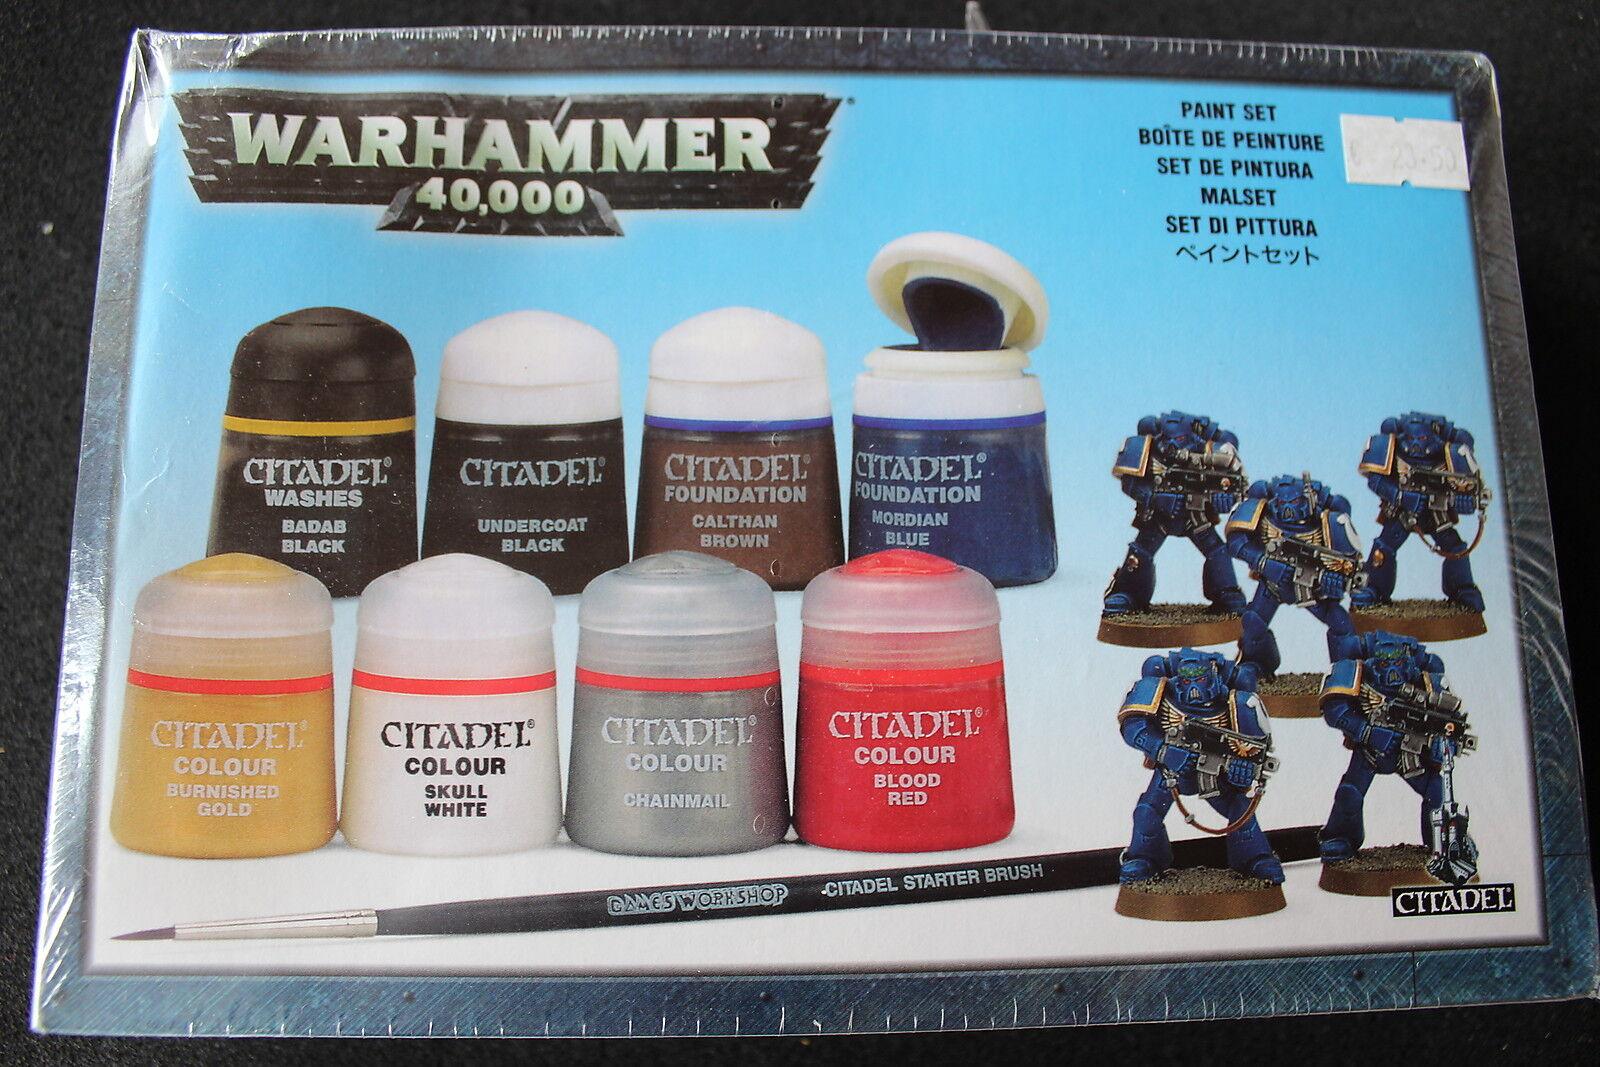 Juegos taller Warhammer 40k conjunto de pinturas Citadel badab Negro en Rojo Nuevo Y En Caja Nuevo